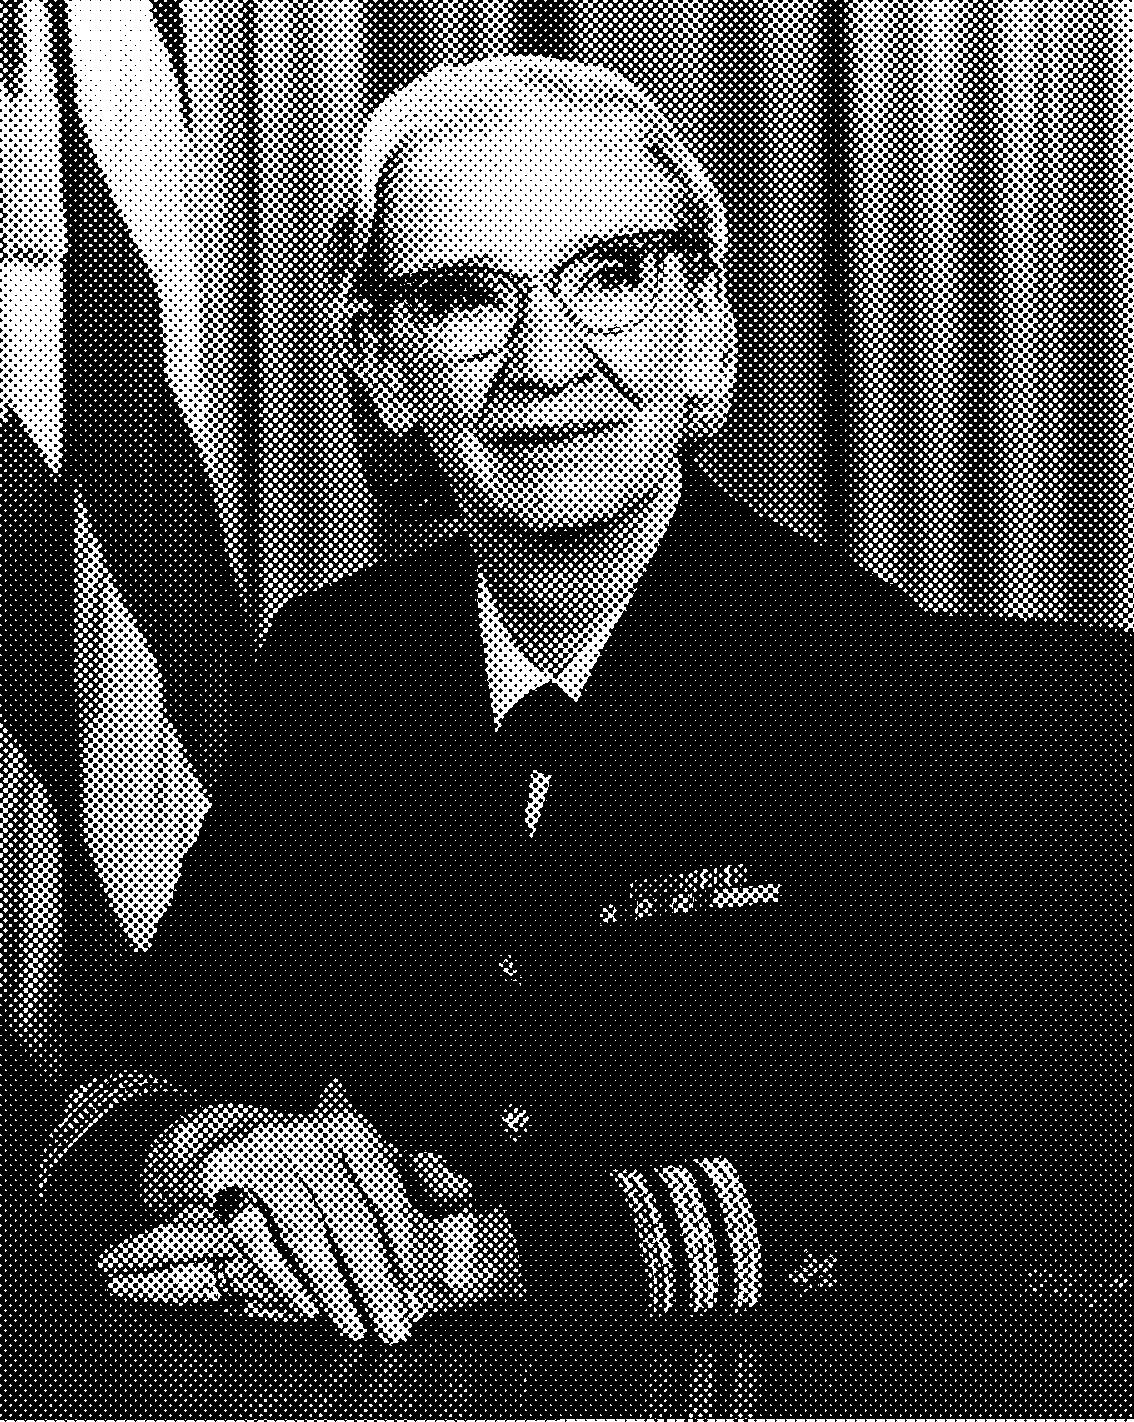 Grace Murray Hopper  ( Nueva York ,  9 de diciembre  de  1906  -  Condado de Arlington ,  1 de enero  de  1992 ) fue una  científica de la computación  y  militar   estadounidense  con grado de  contraalmirante . Fue pionera en el mundo de las  ciencias de la computación  y la primera  programadora  que utilizó el  Mark I . Entre las décadas de los  50  y  60  desarrolló el primer  compilador  para un  lenguaje de programación  así como también propició métodos de validación.